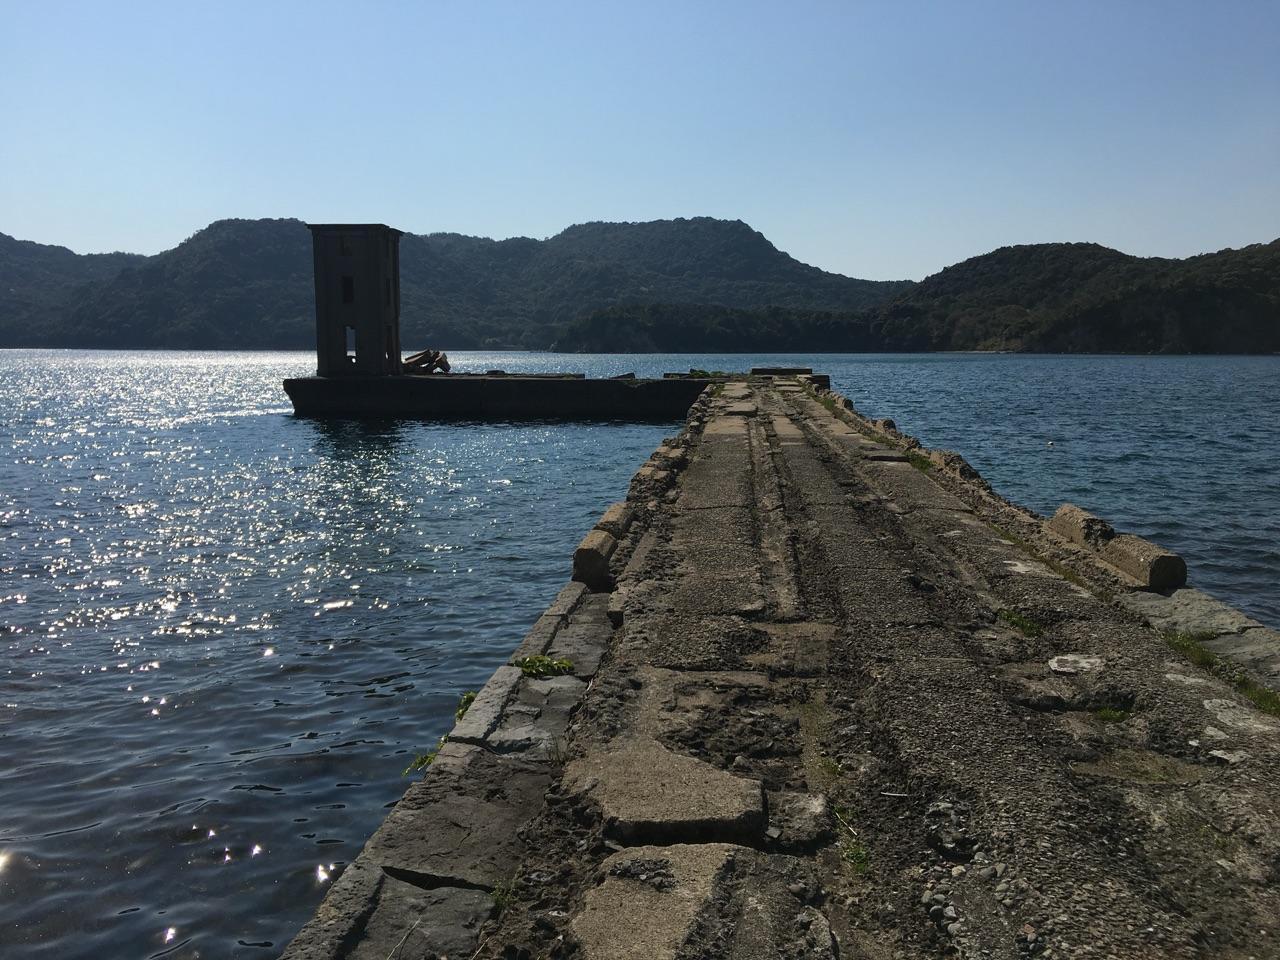 メインロケ地:片島(かたしま)魚雷発射試験場跡-1